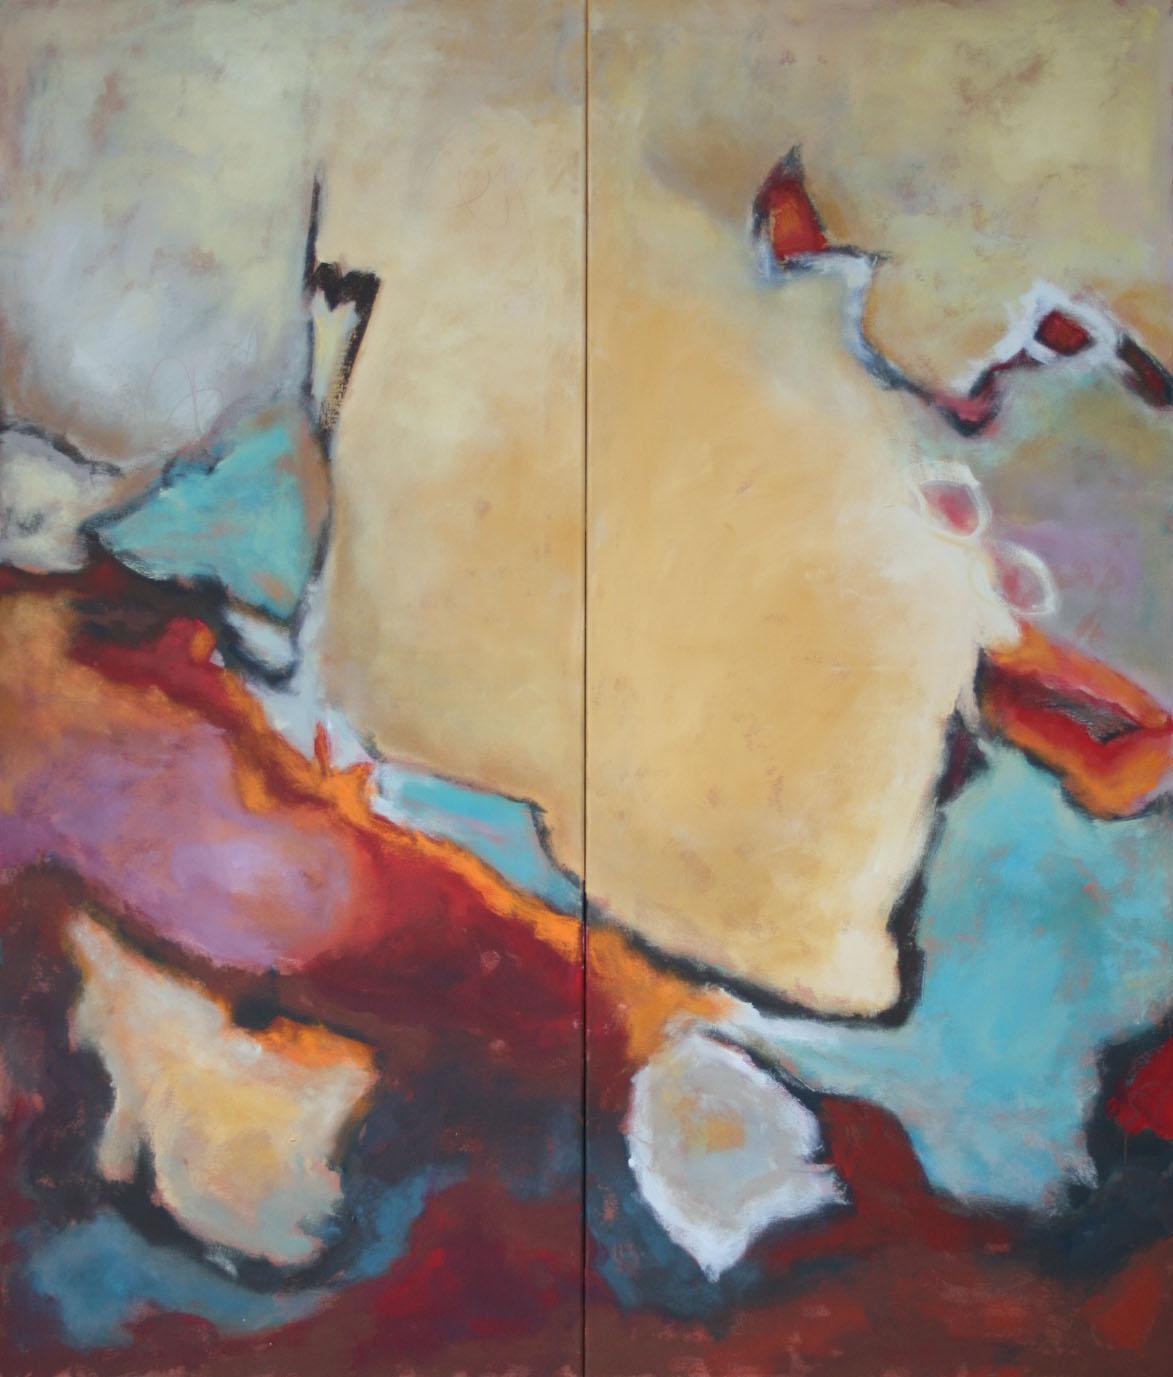 Bewegte Zeiten III+IV, Öl und Acryl auf Leinwand,  2-tlg,  je 140 x 60 cm